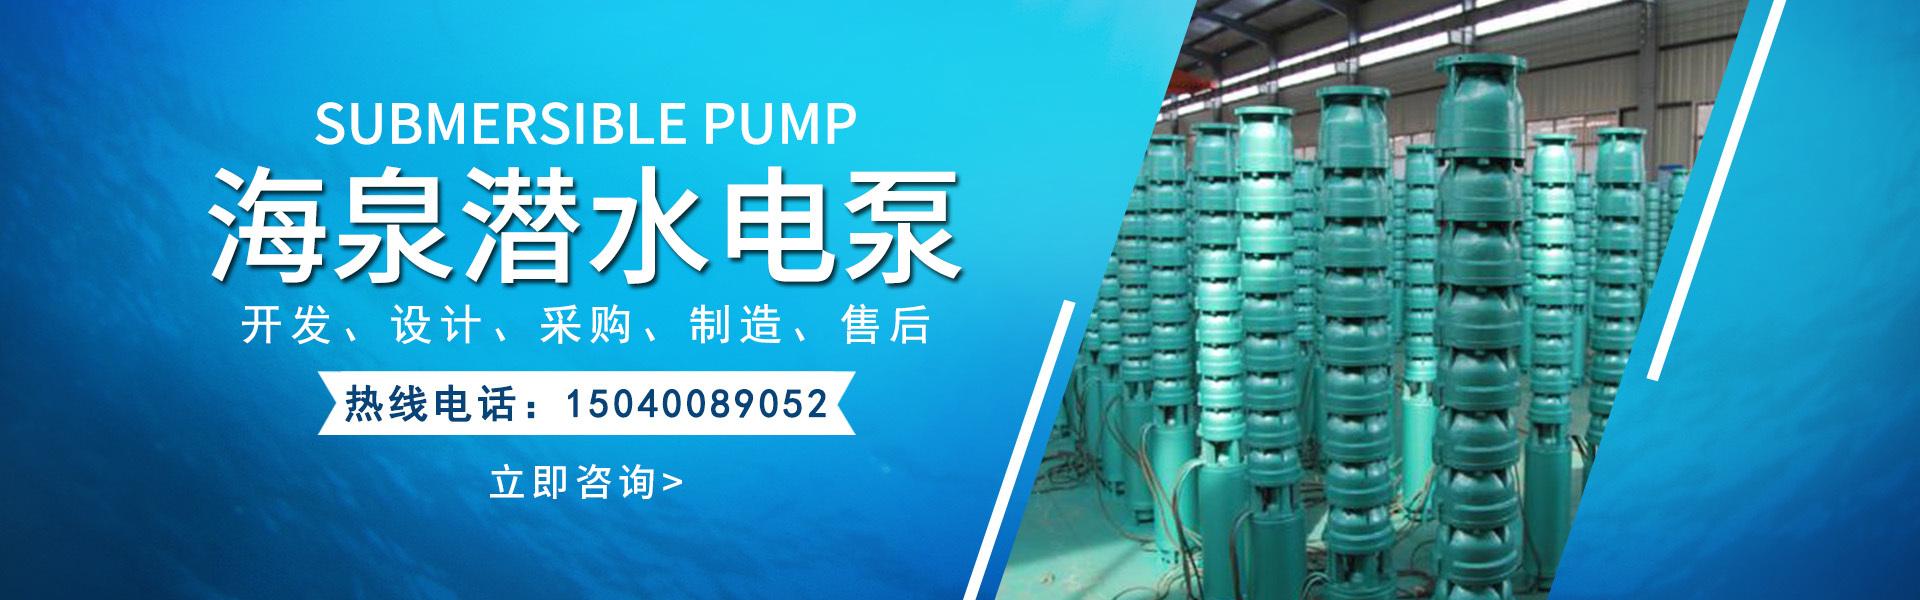 沈陽深井潛水泵 沈陽QJ型水泵 沈陽潛水泵 井用泵廠家